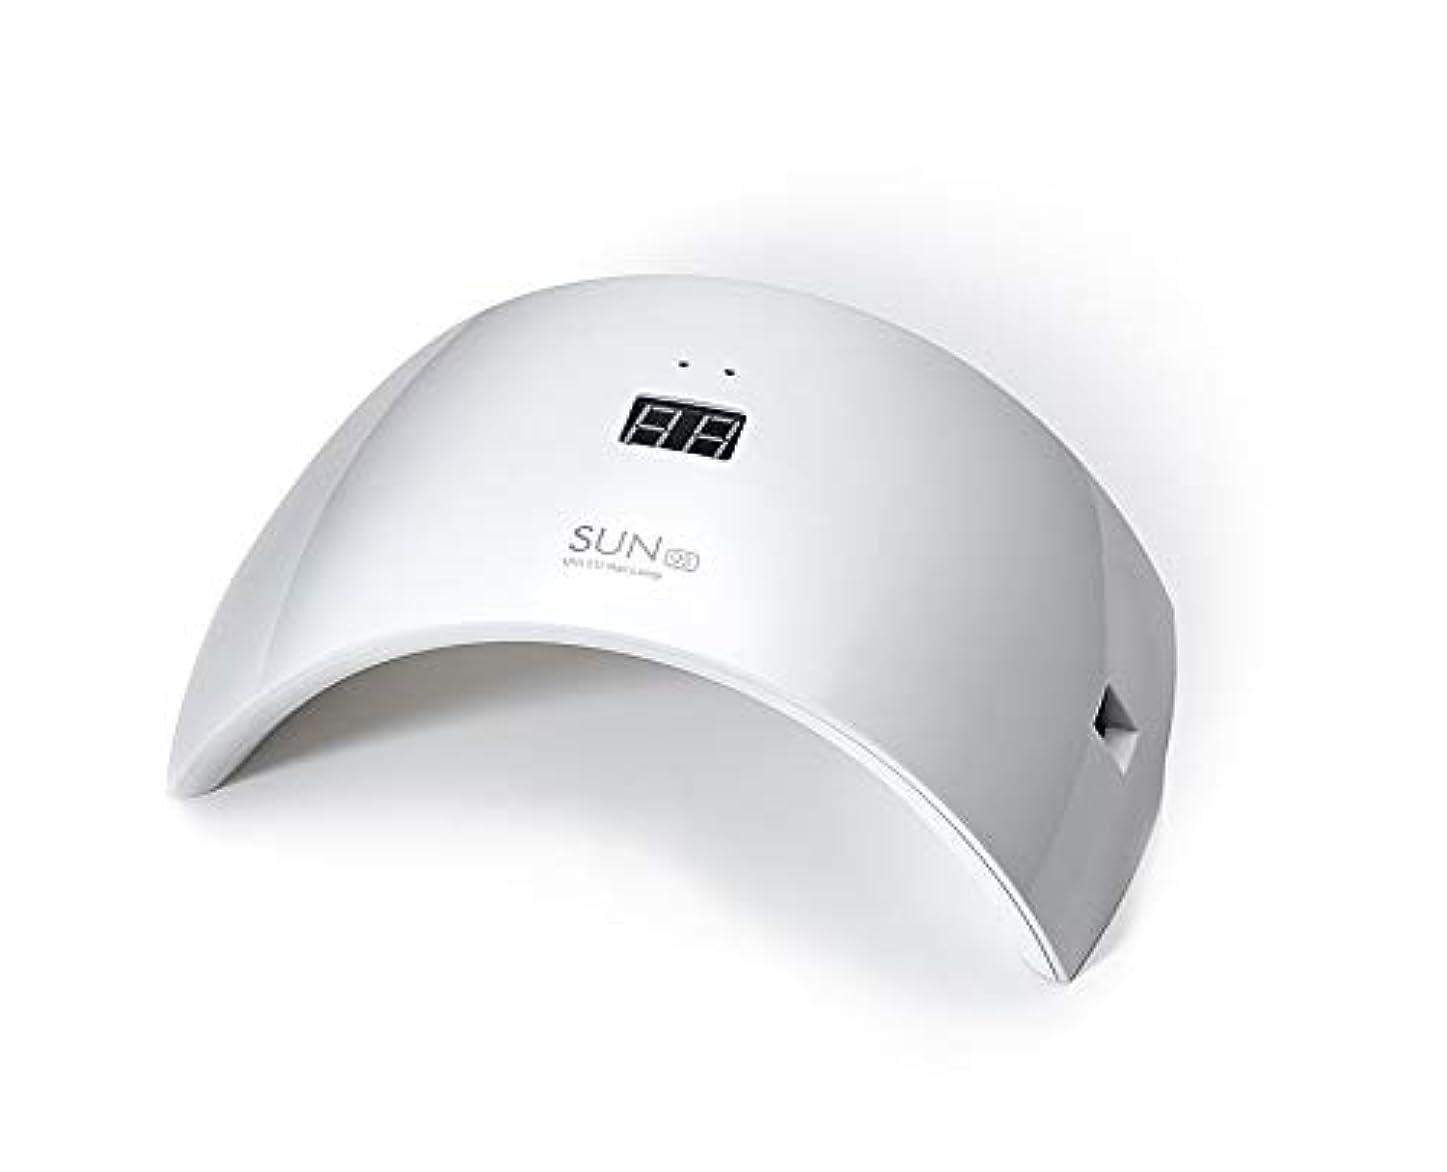 インストラクターマスタード周囲ネイルドライヤー UV LEDネイルライト 24W ハイパワー 硬化用UVライト 赤外線検知 ジェルネイルライト 人感センサー タイマー付き ネイルランプ 速乾LEDダブルライト 母の日ギフト